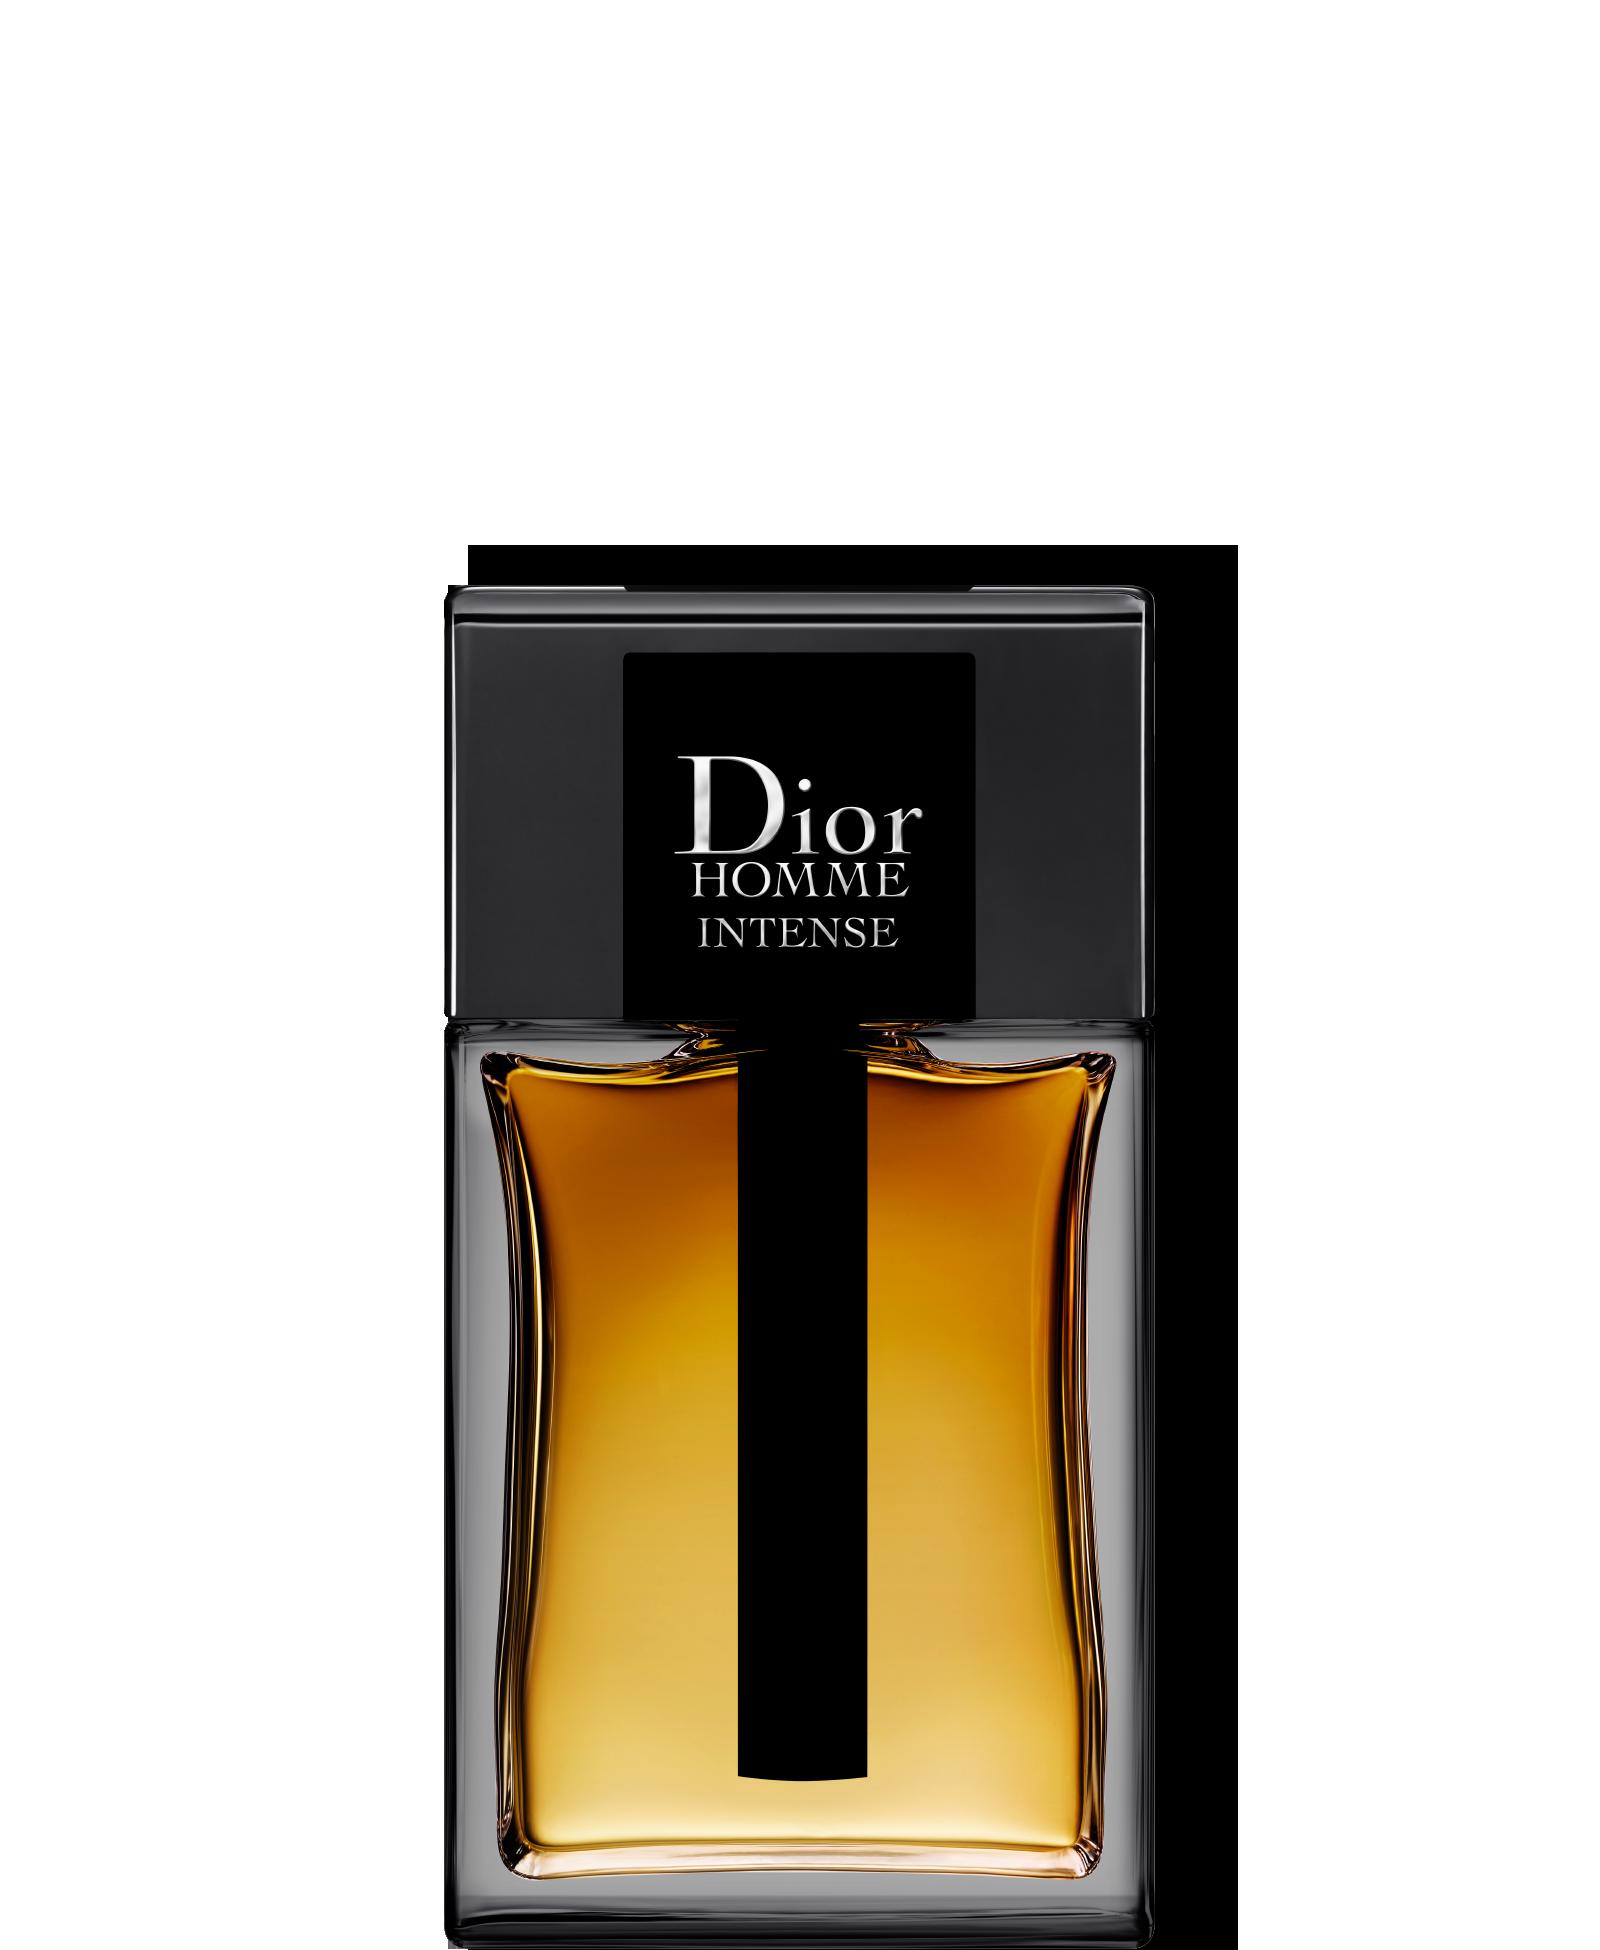 Dior Homme Intense Eau de Parfum 150ml